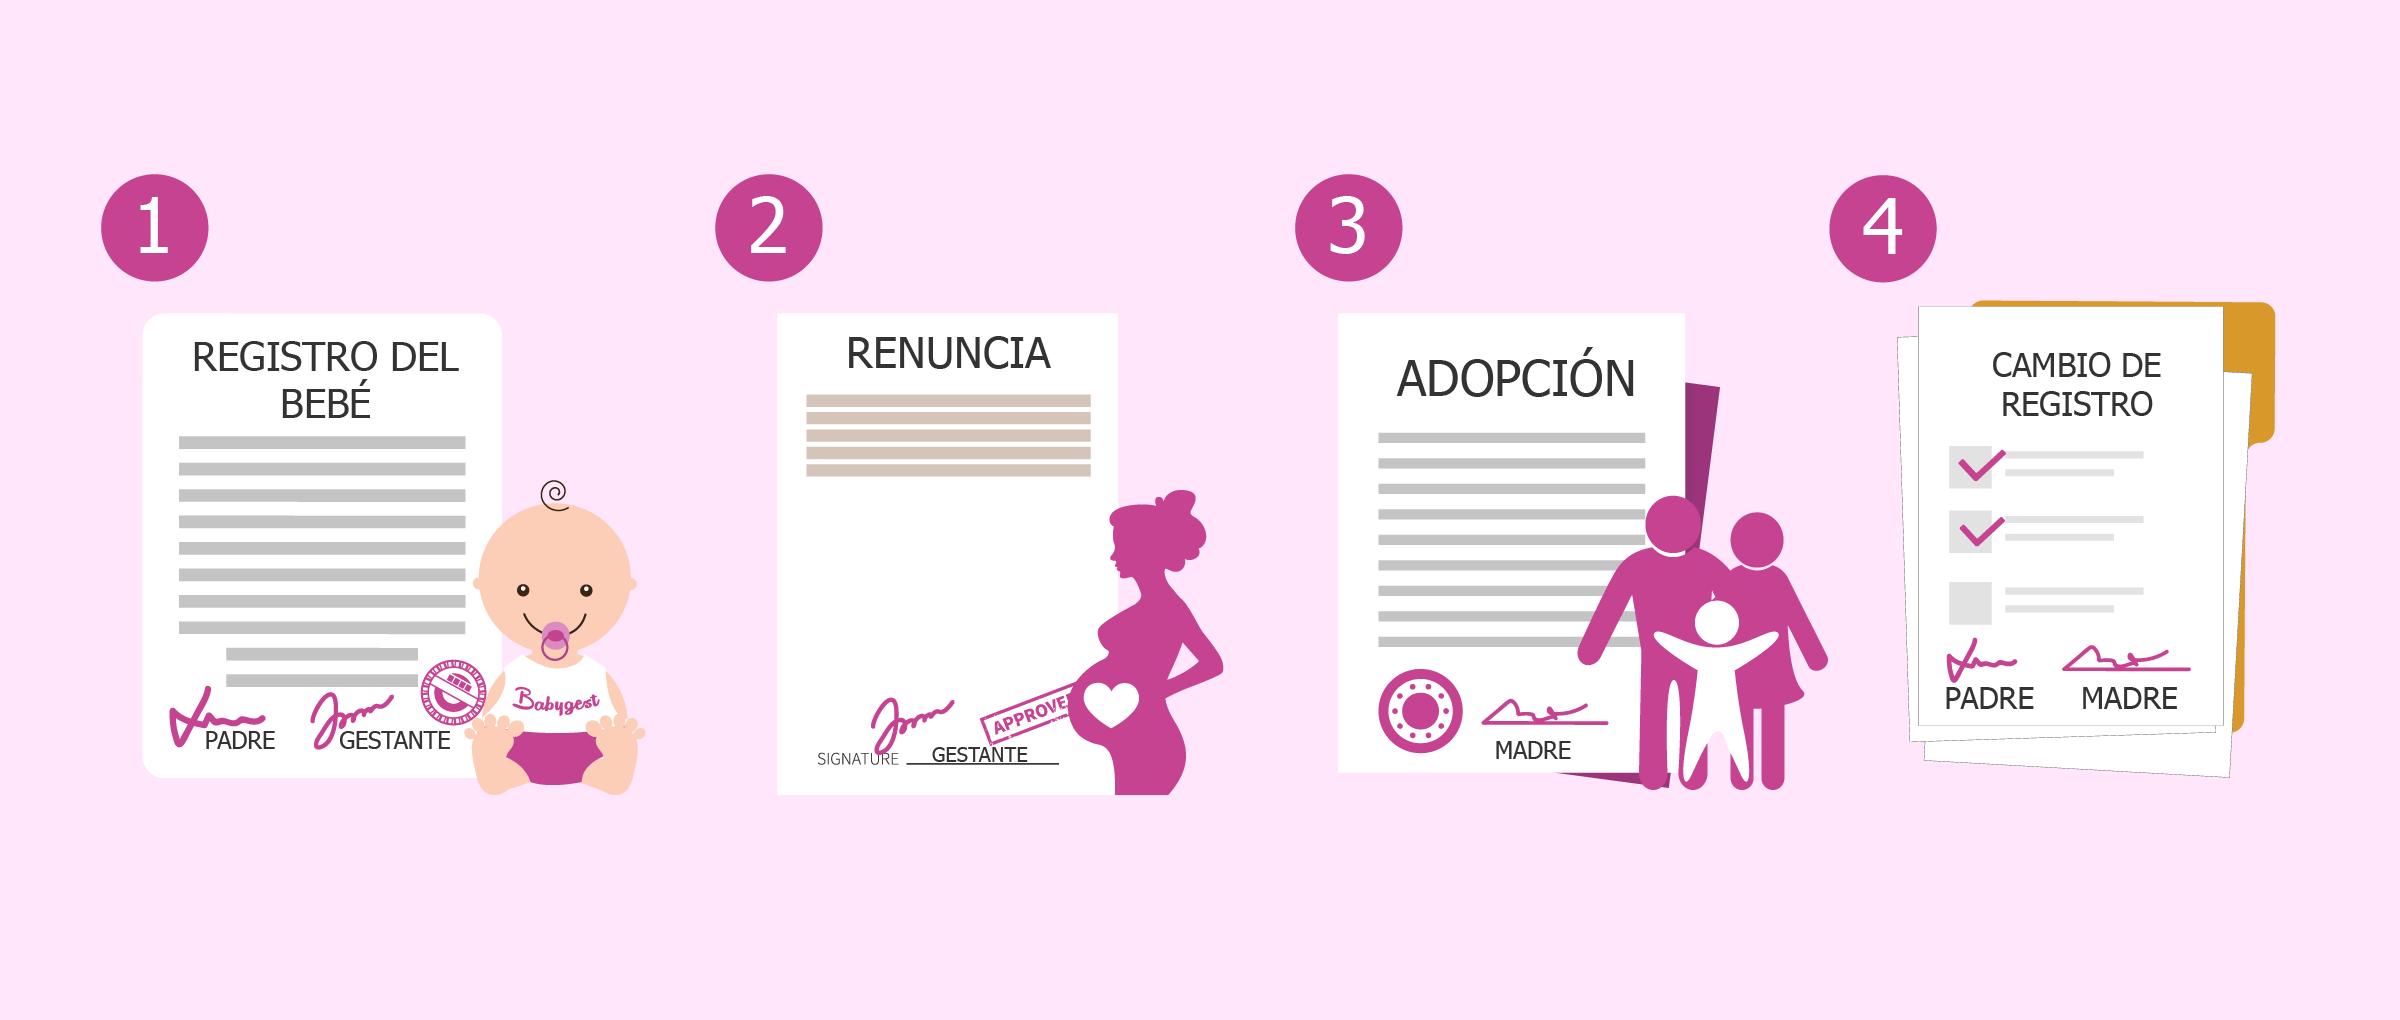 Determinar la filiación por prueba genética y adopción